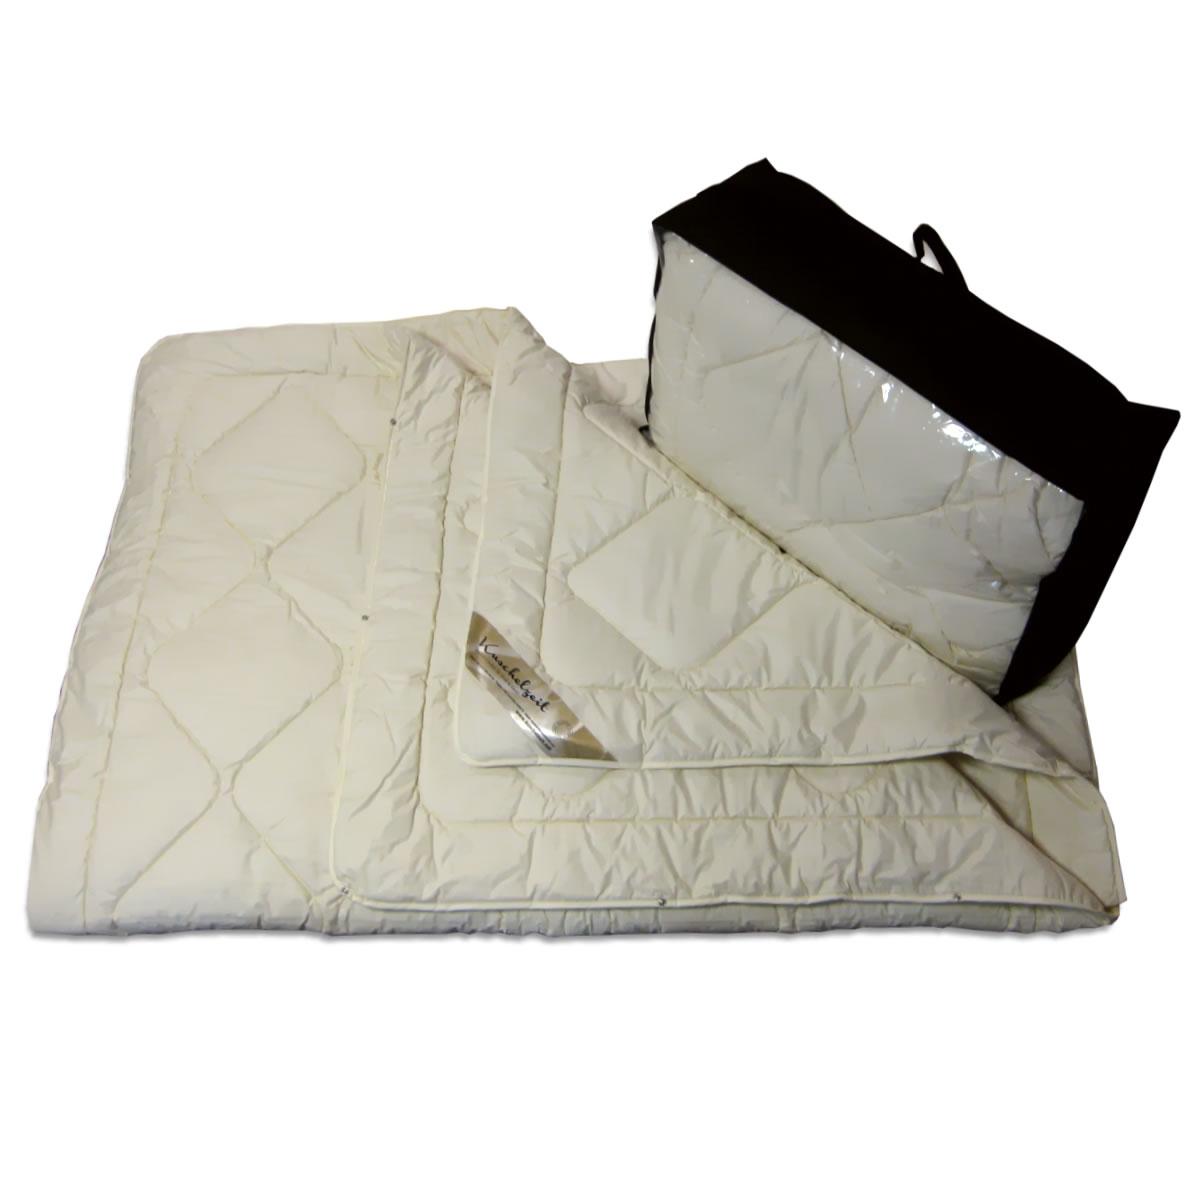 100 merino schafschurwolle 4 jahreszeiten decke combi bettdecke. Black Bedroom Furniture Sets. Home Design Ideas